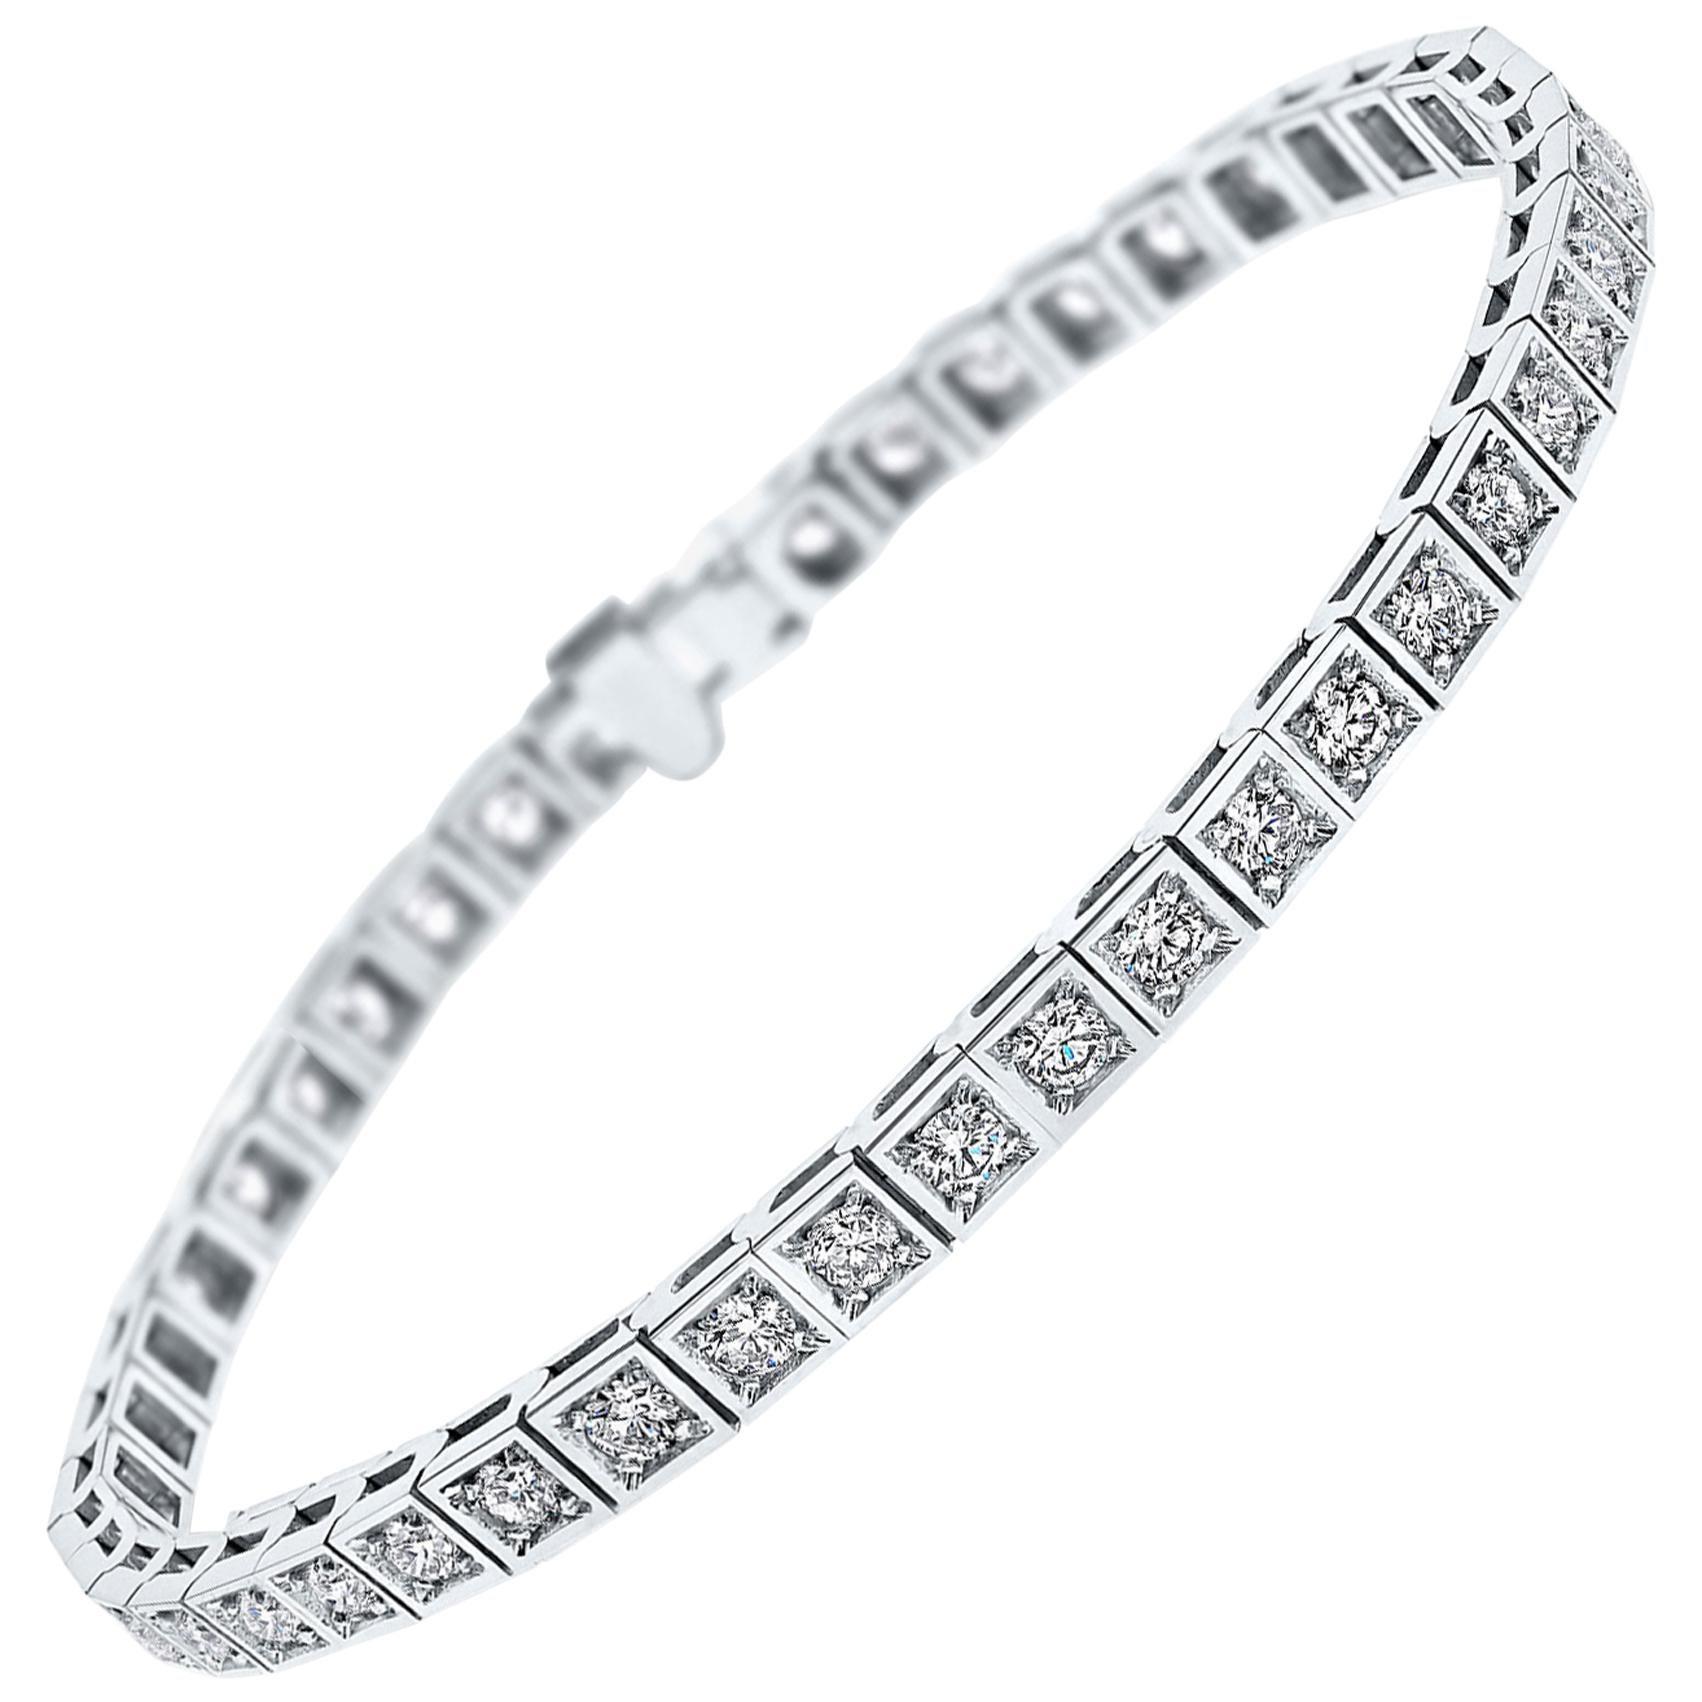 2.13 Carat Diamond Tennis Bracelet in 14 Karat White Gold - Shlomit Rogel